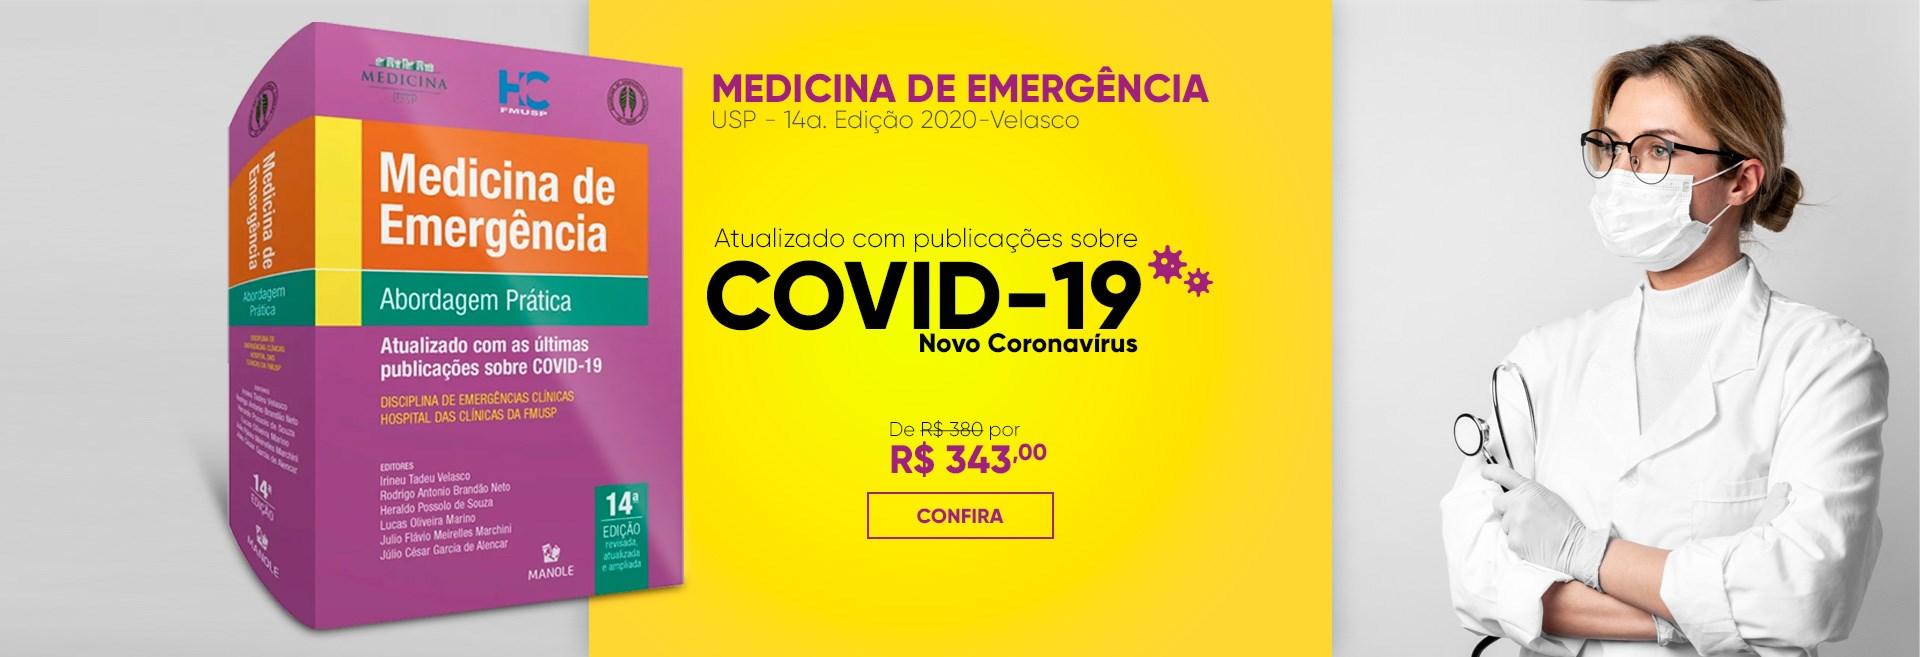 https://www.livrariaflorence.com.br/produto/livro-medicina-de-emergencia-usp-14a-edicao-2020-velasco-210039